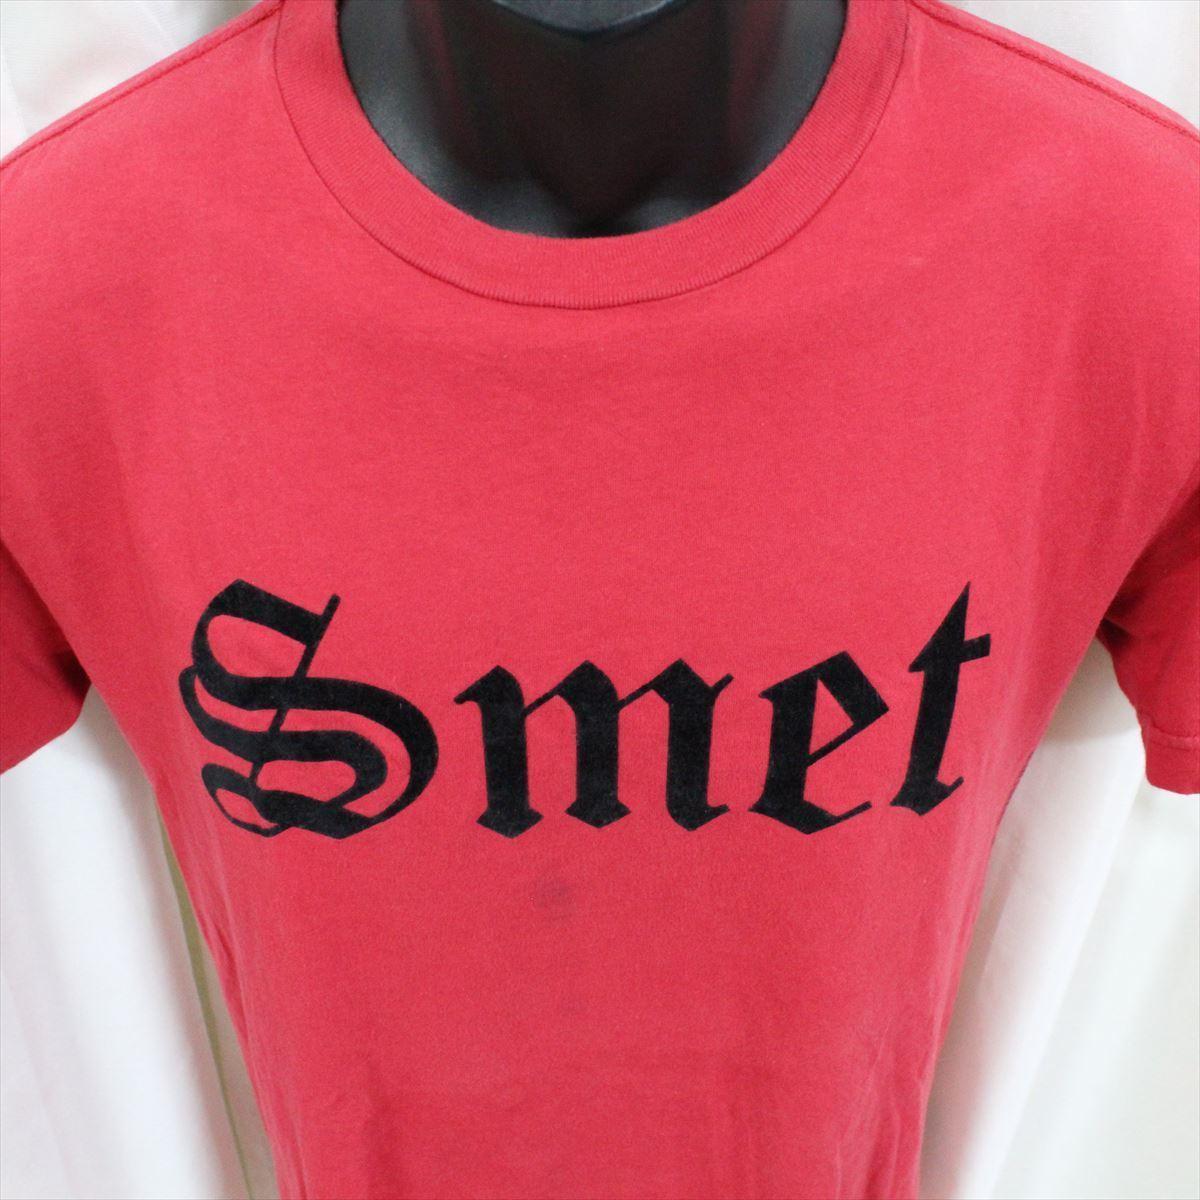 スメット SMET メンズ半袖Tシャツ レッド Sサイズ NO13 新品 赤_画像2